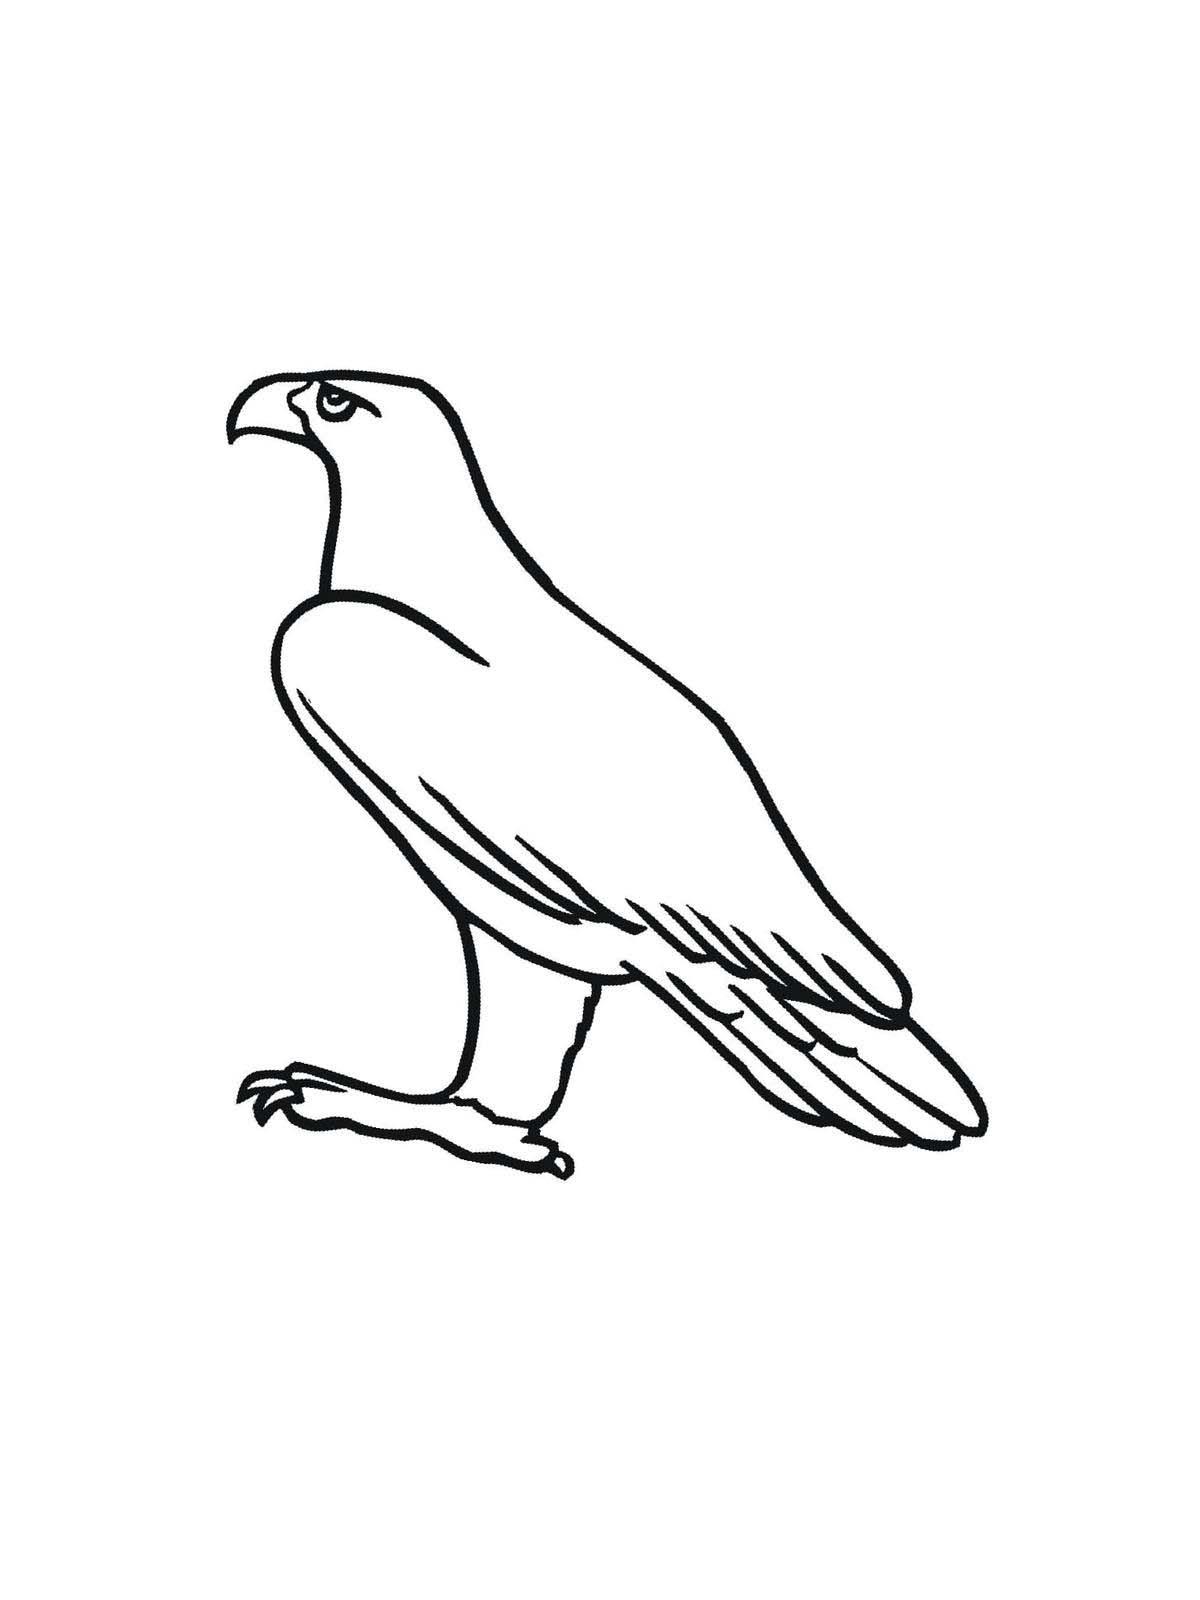 Ausmalbilder, Malvorlagen Von Adler Kostenlos Zum Ausdrucken ganzes Adler Bilder Zum Ausdrucken